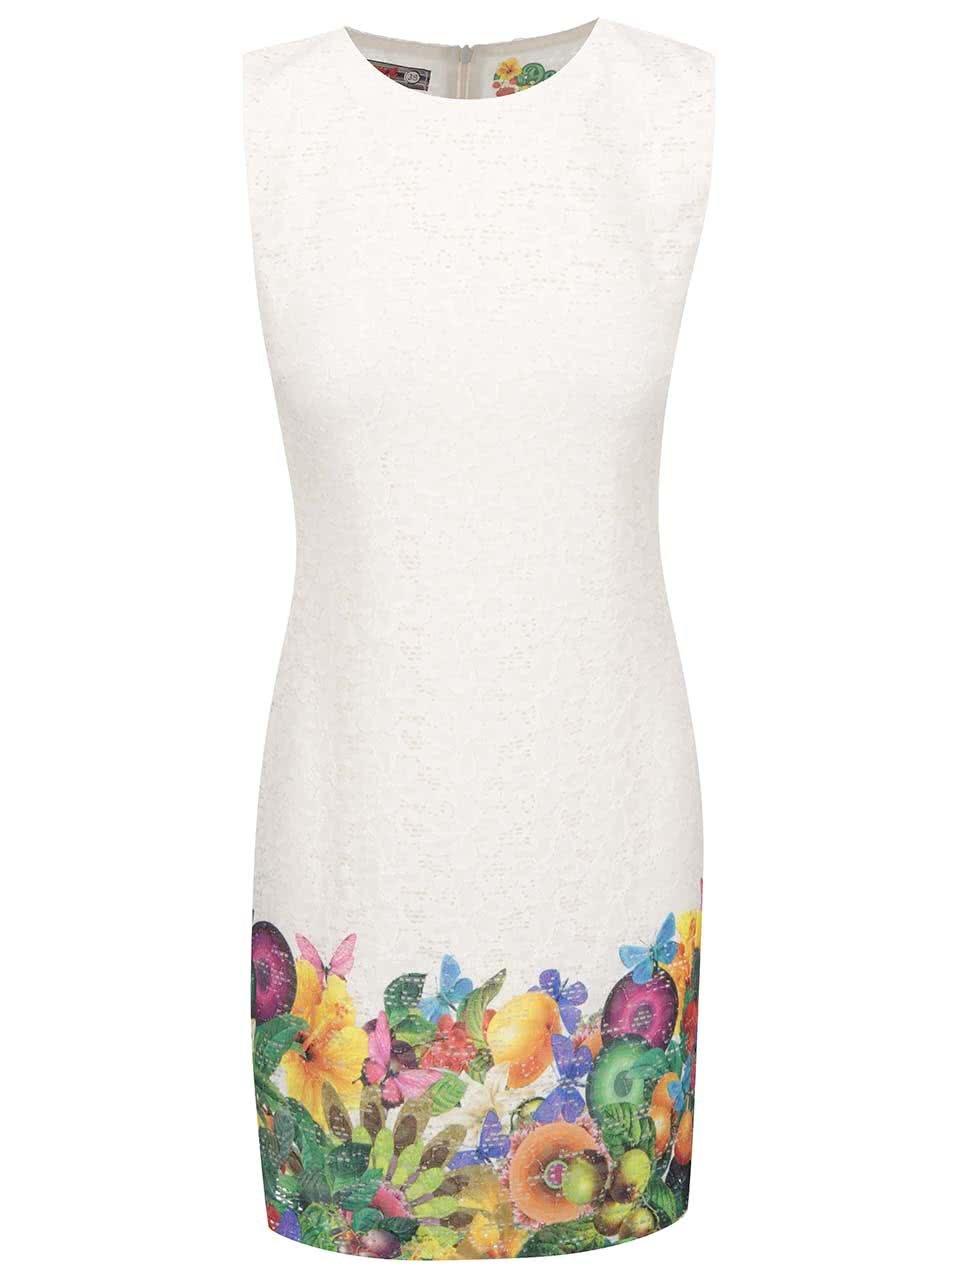 Krémové šaty s barevnými květy a motýlky Desigual Guido ... 4219210d860